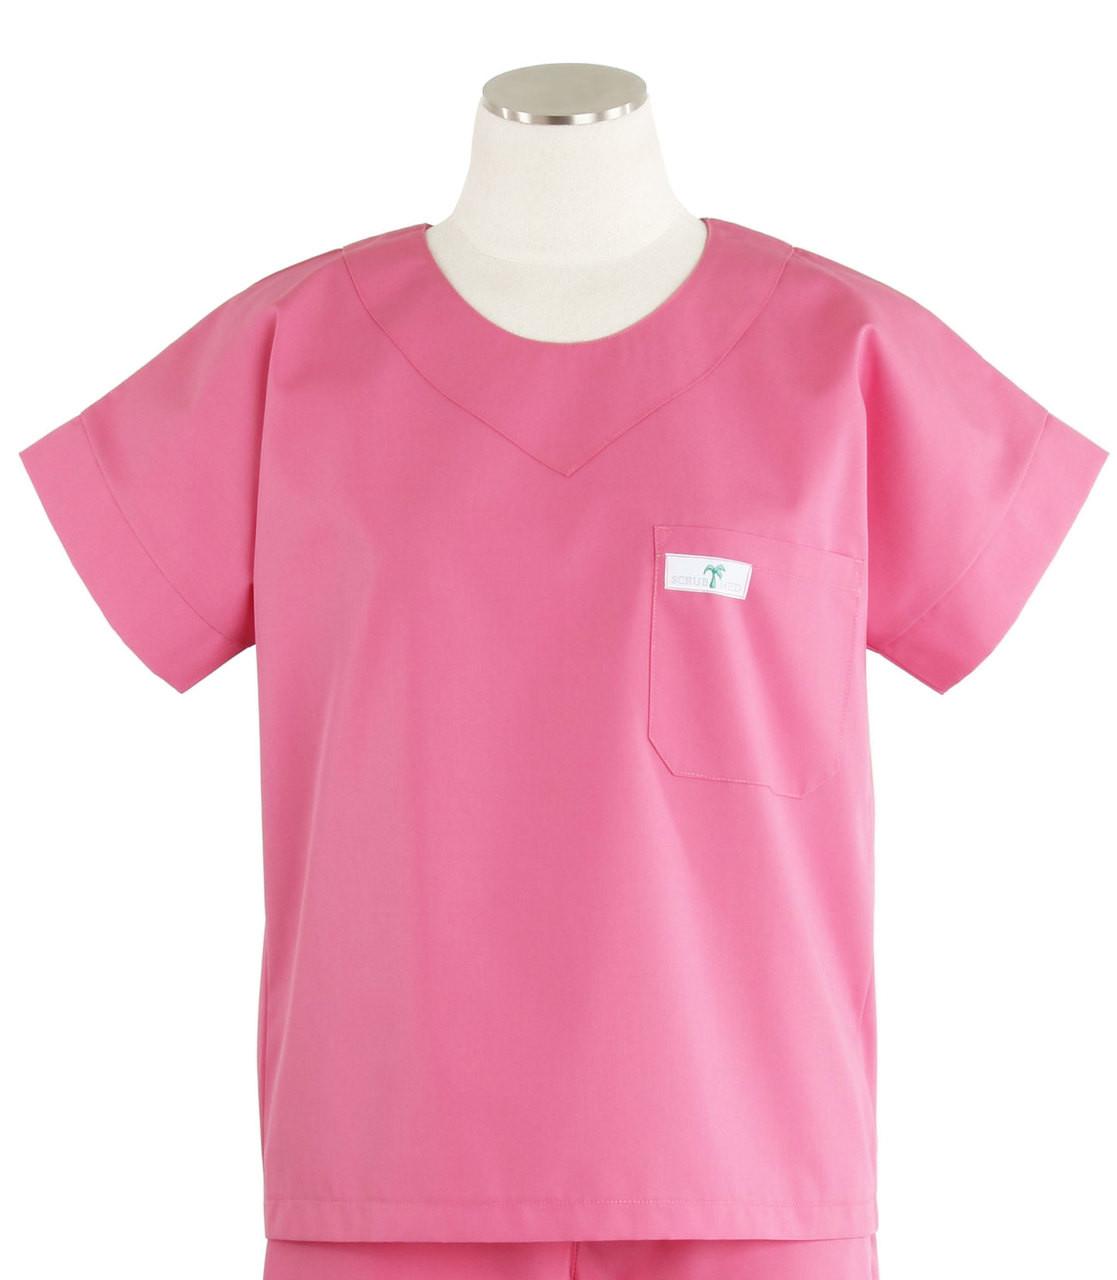 3f4ffdf006e Scrub Med Womens Solid Scrub Top Mesa Rose - Scrub Med